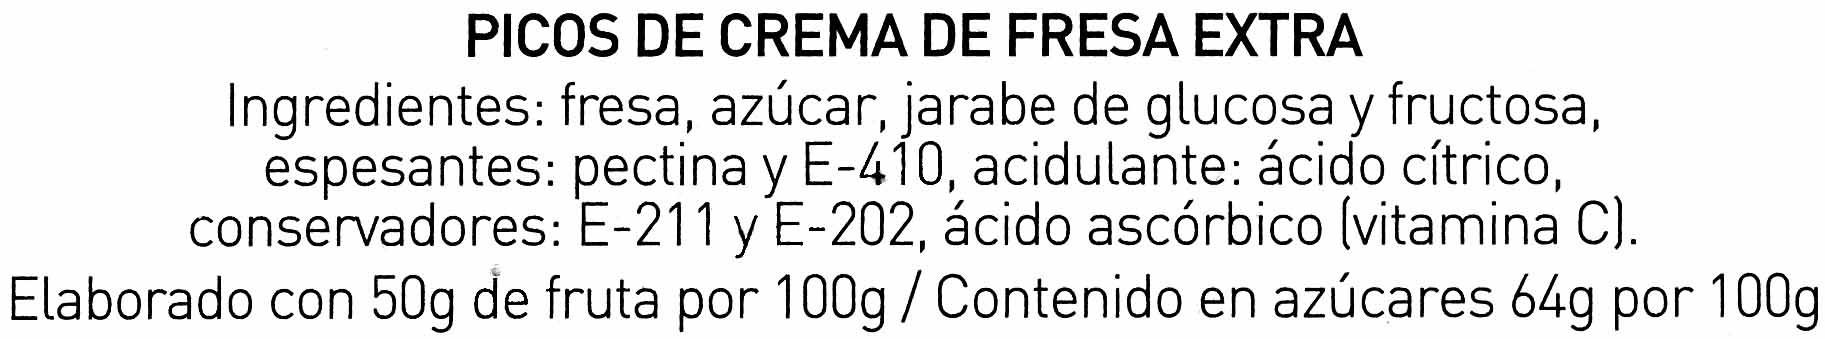 8 Pico's crema de fresa - Ingredientes - es